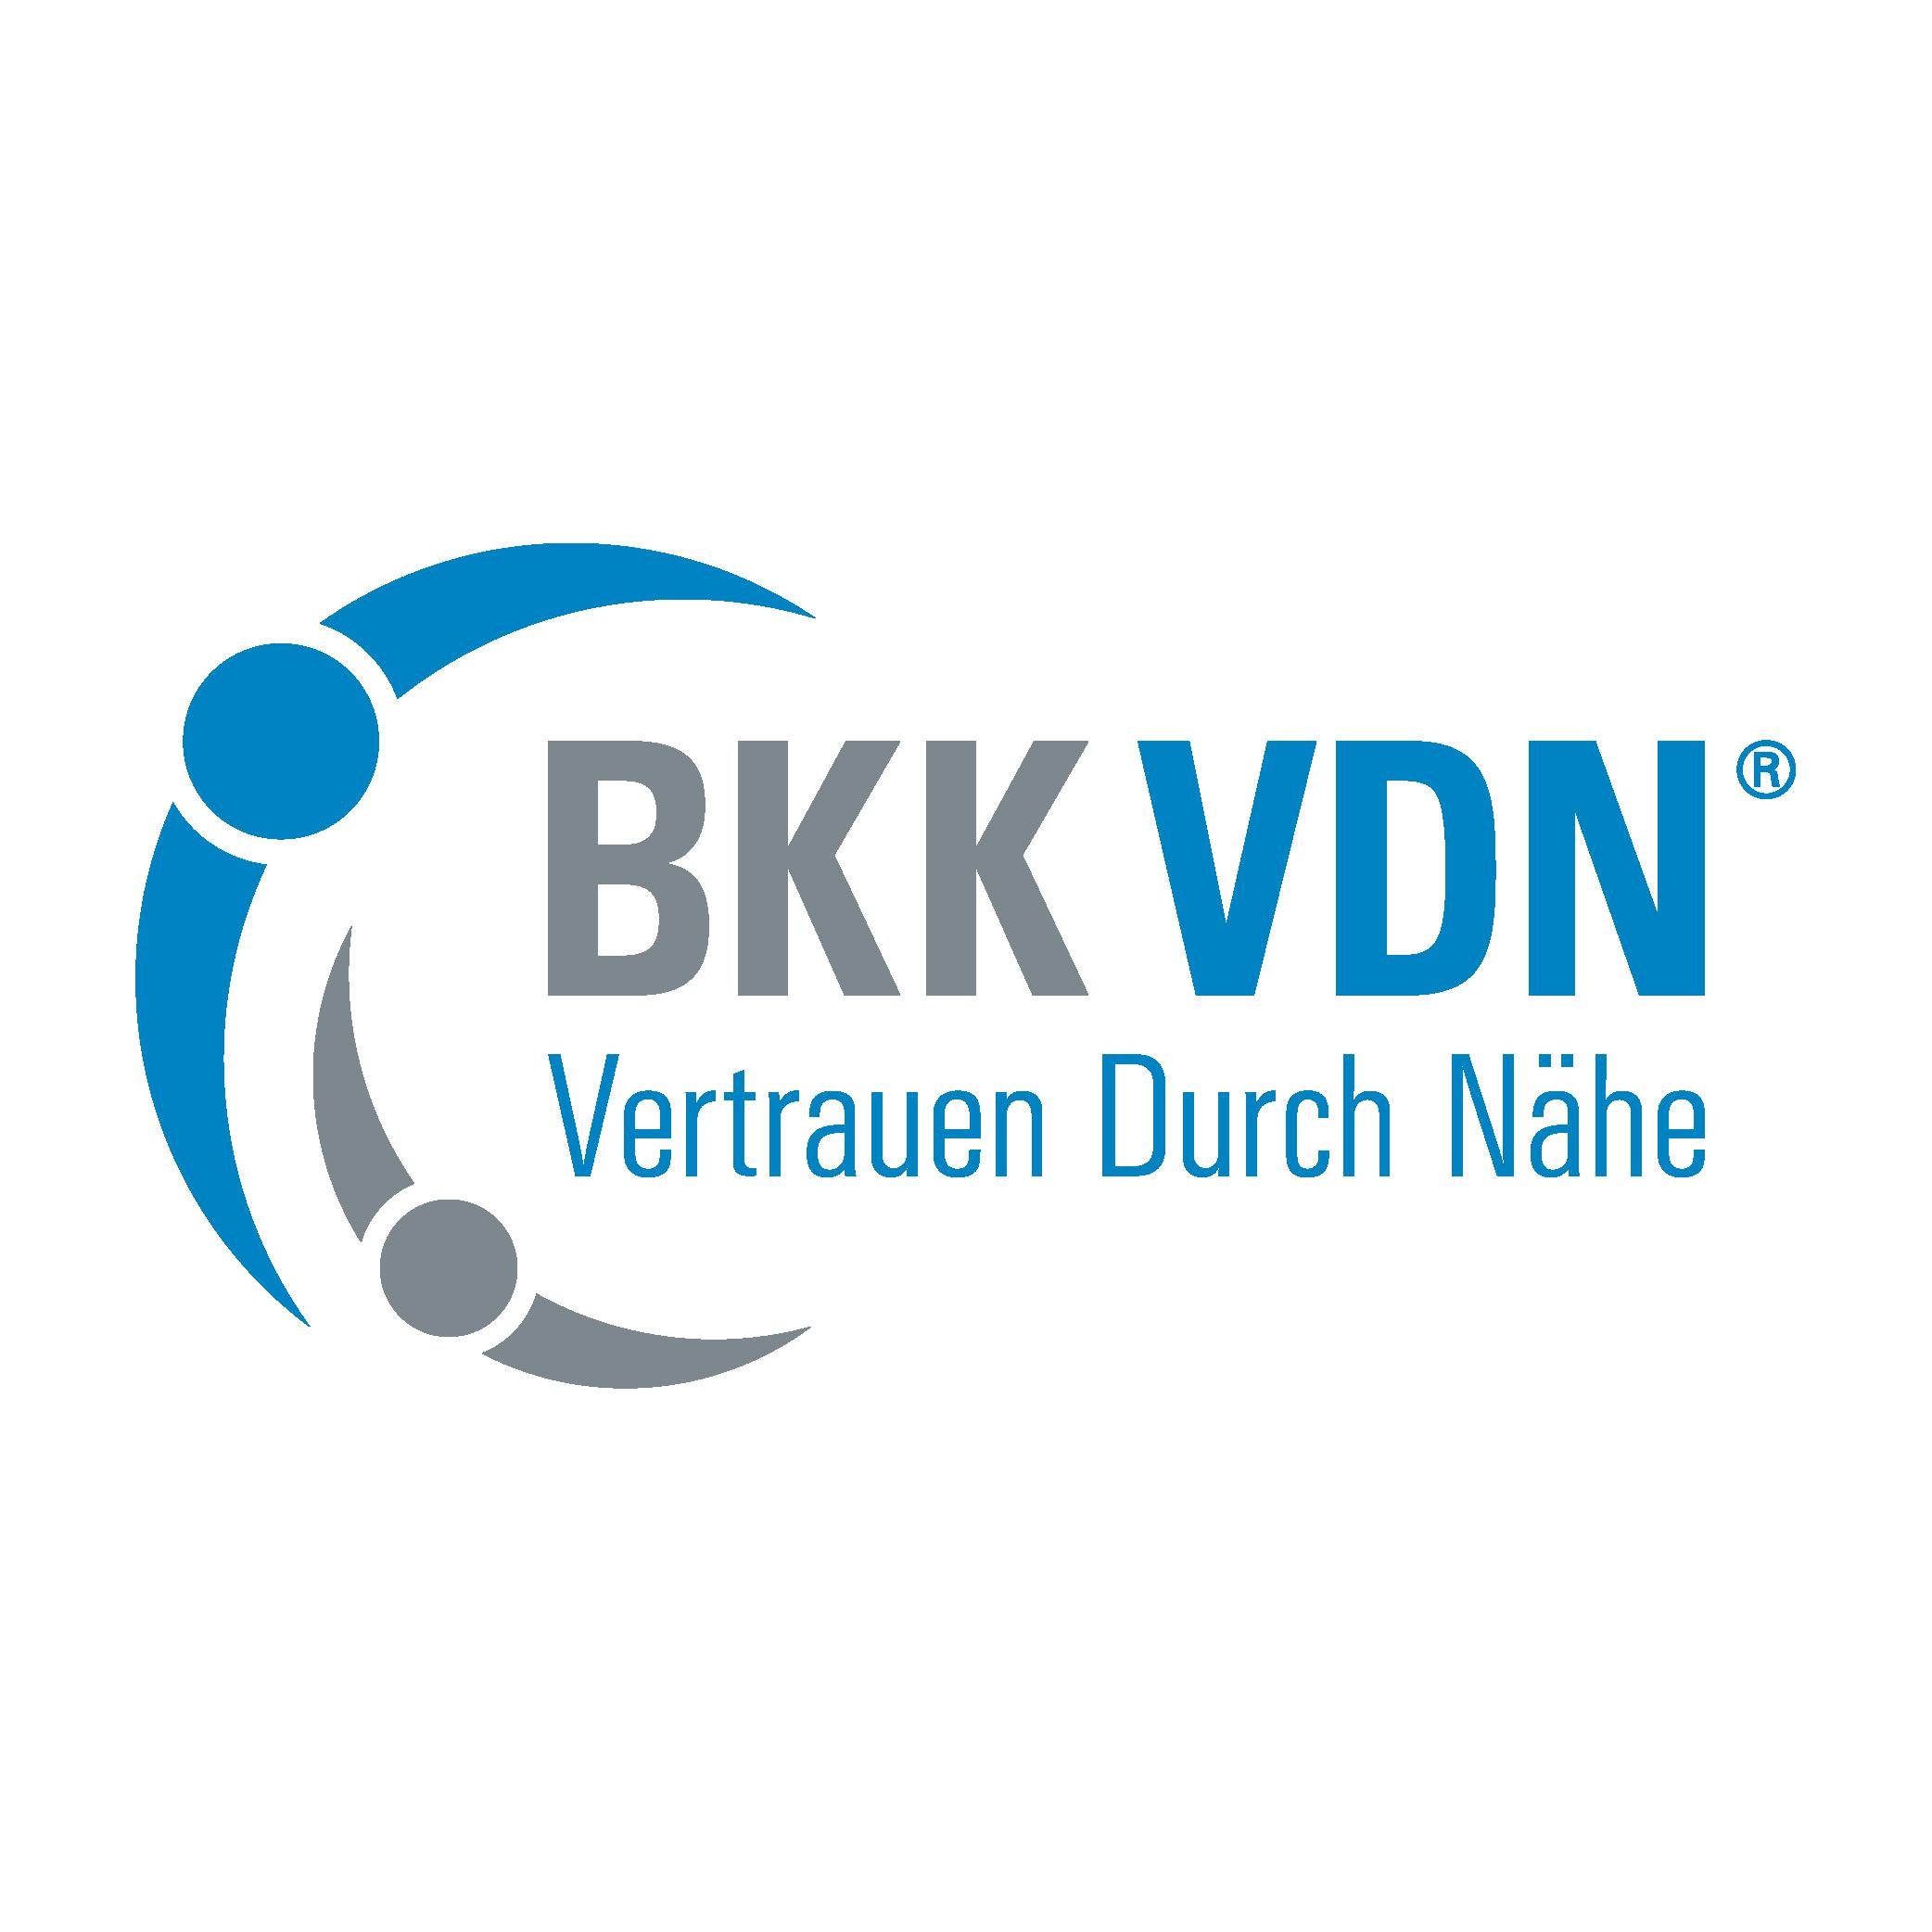 Markenzeichen der BKK VDN